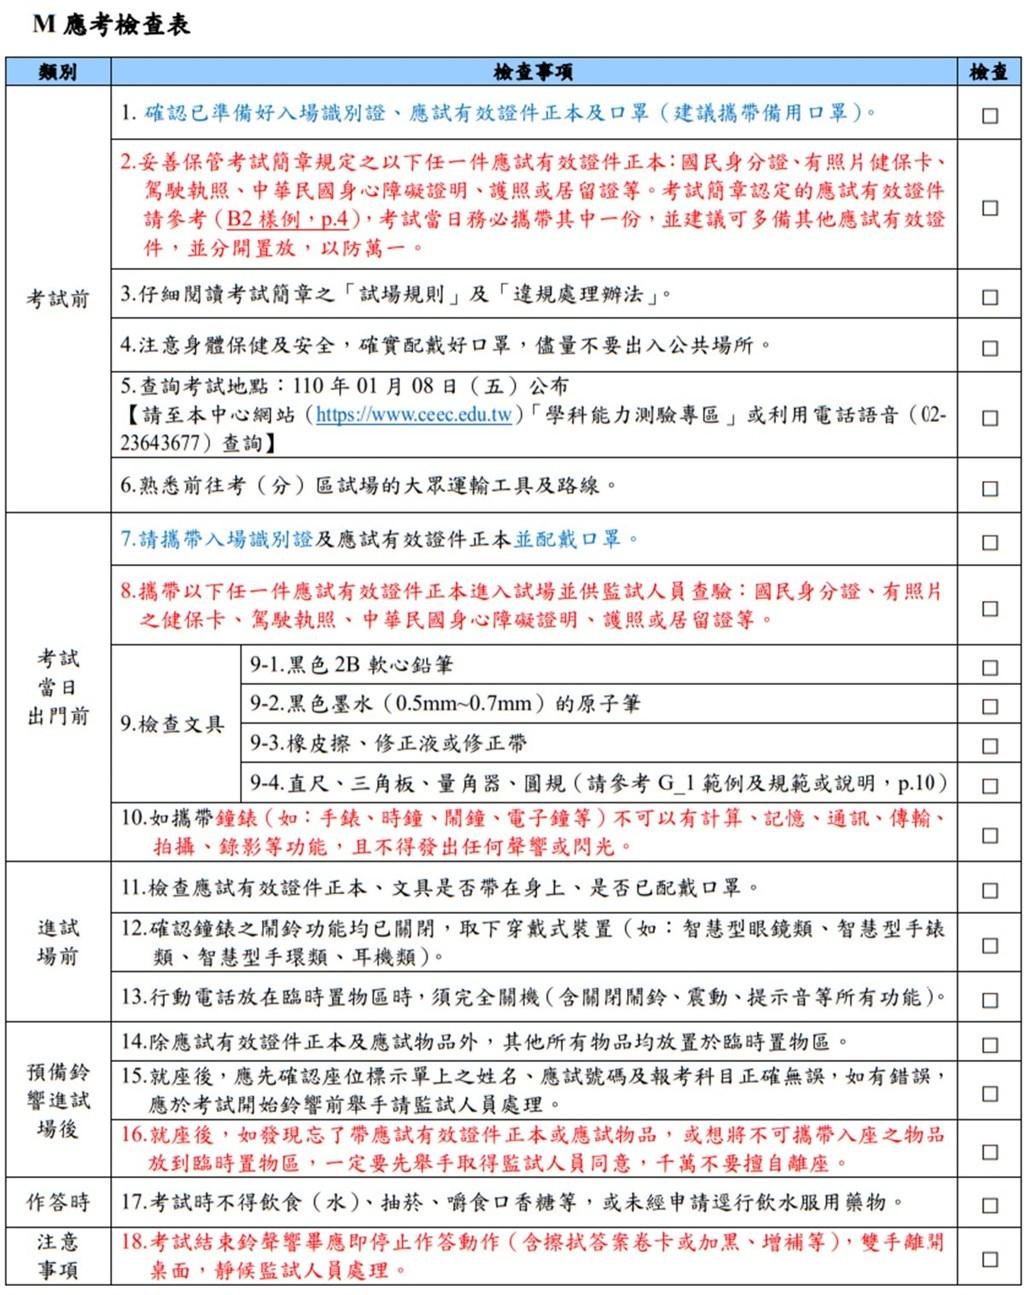 110學年度學科能力測驗將於1月22日、23日舉行,大考中心提供學測應考檢查表,包含考試前、考試當日出門前、進試場前、預備鈴響進試場後、作答時等注意事項。(大考中心提供)中央社記者許秩維傳真 110年1月17日